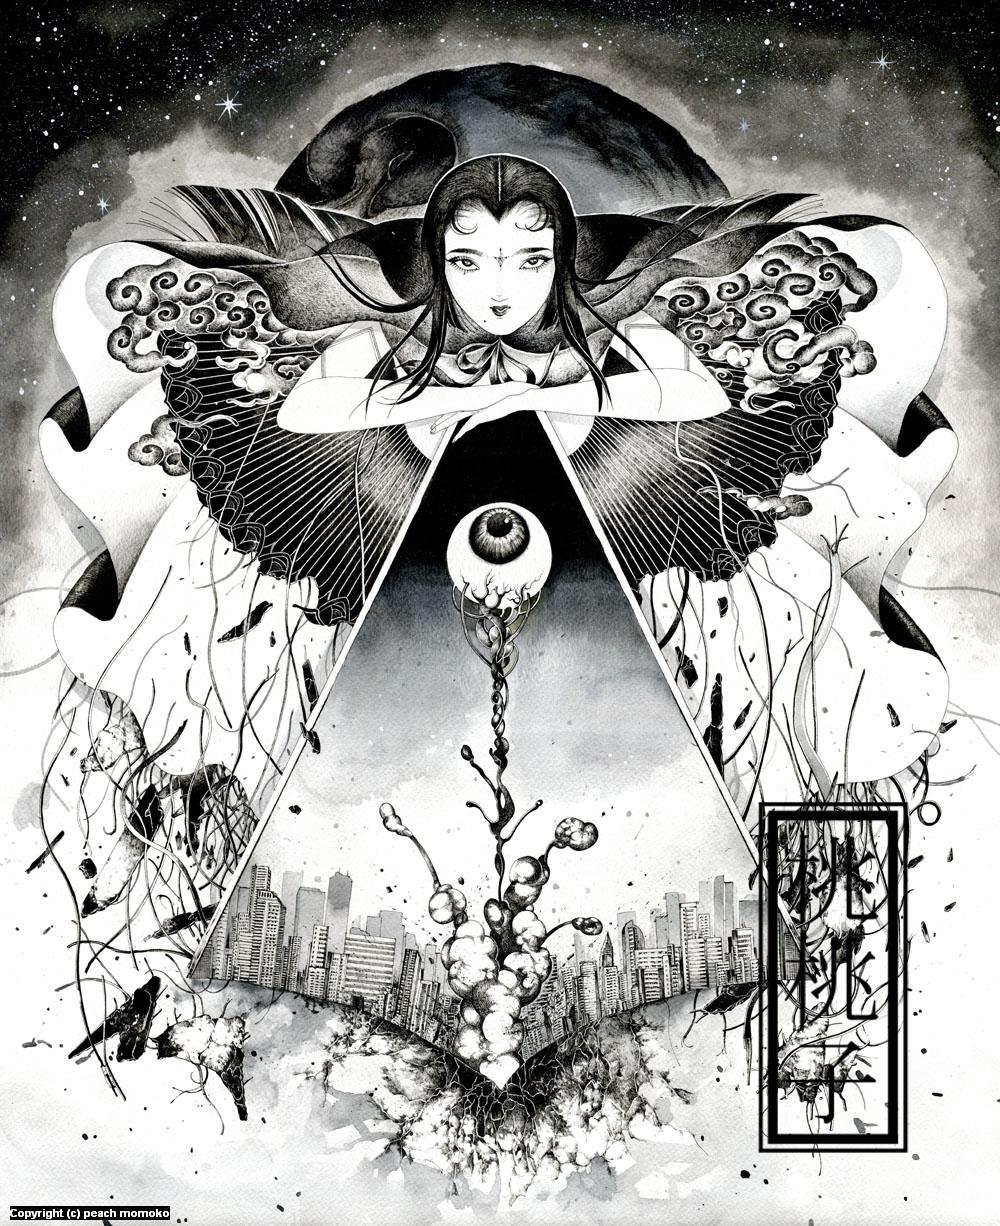 MoMoKo's Daiyogen Artwork by MoMoKo Peach